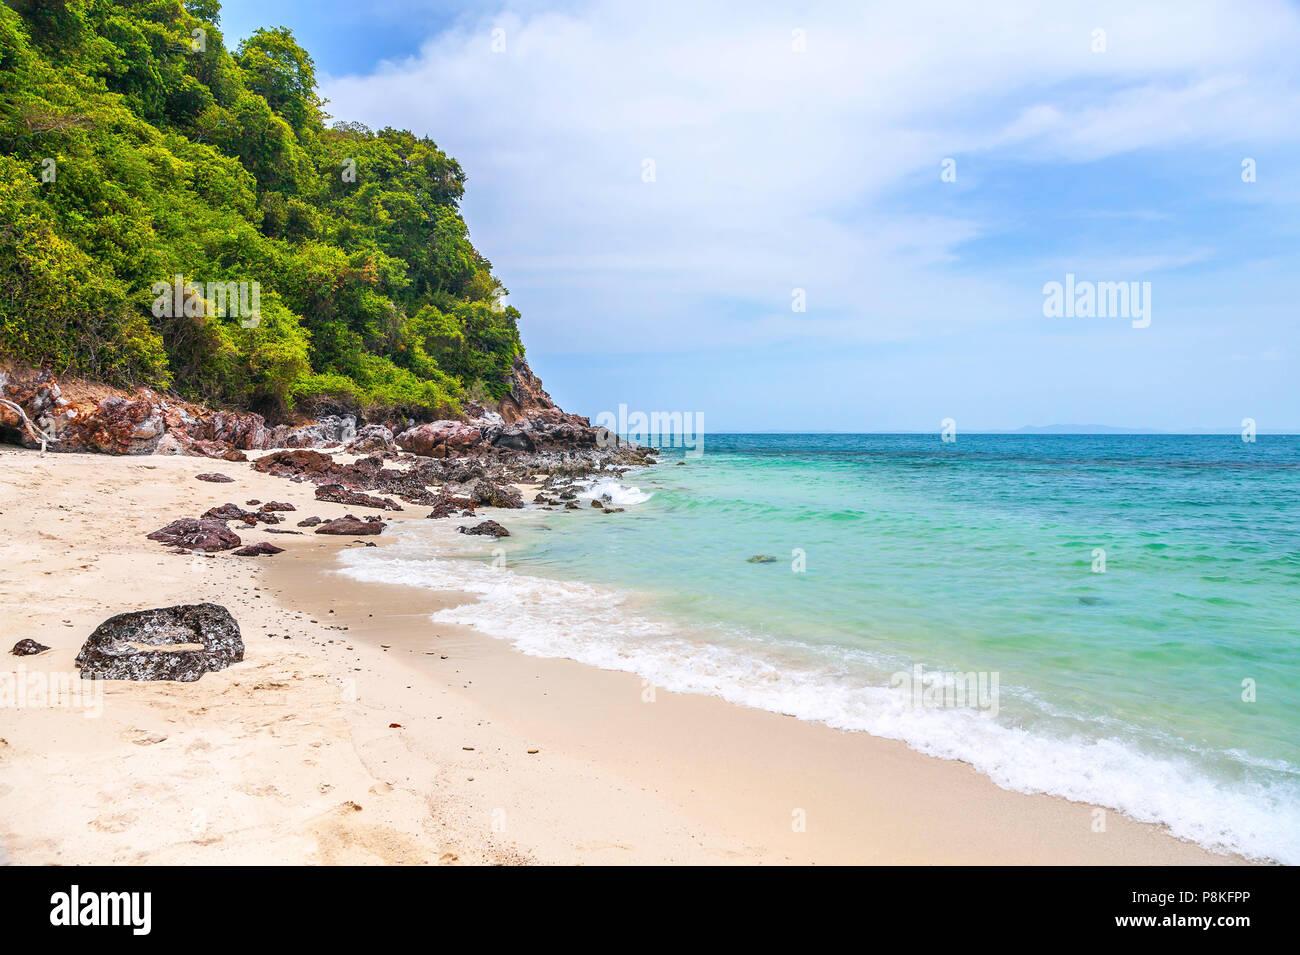 Hermosa playa en Tailandia. Imagen De Stock